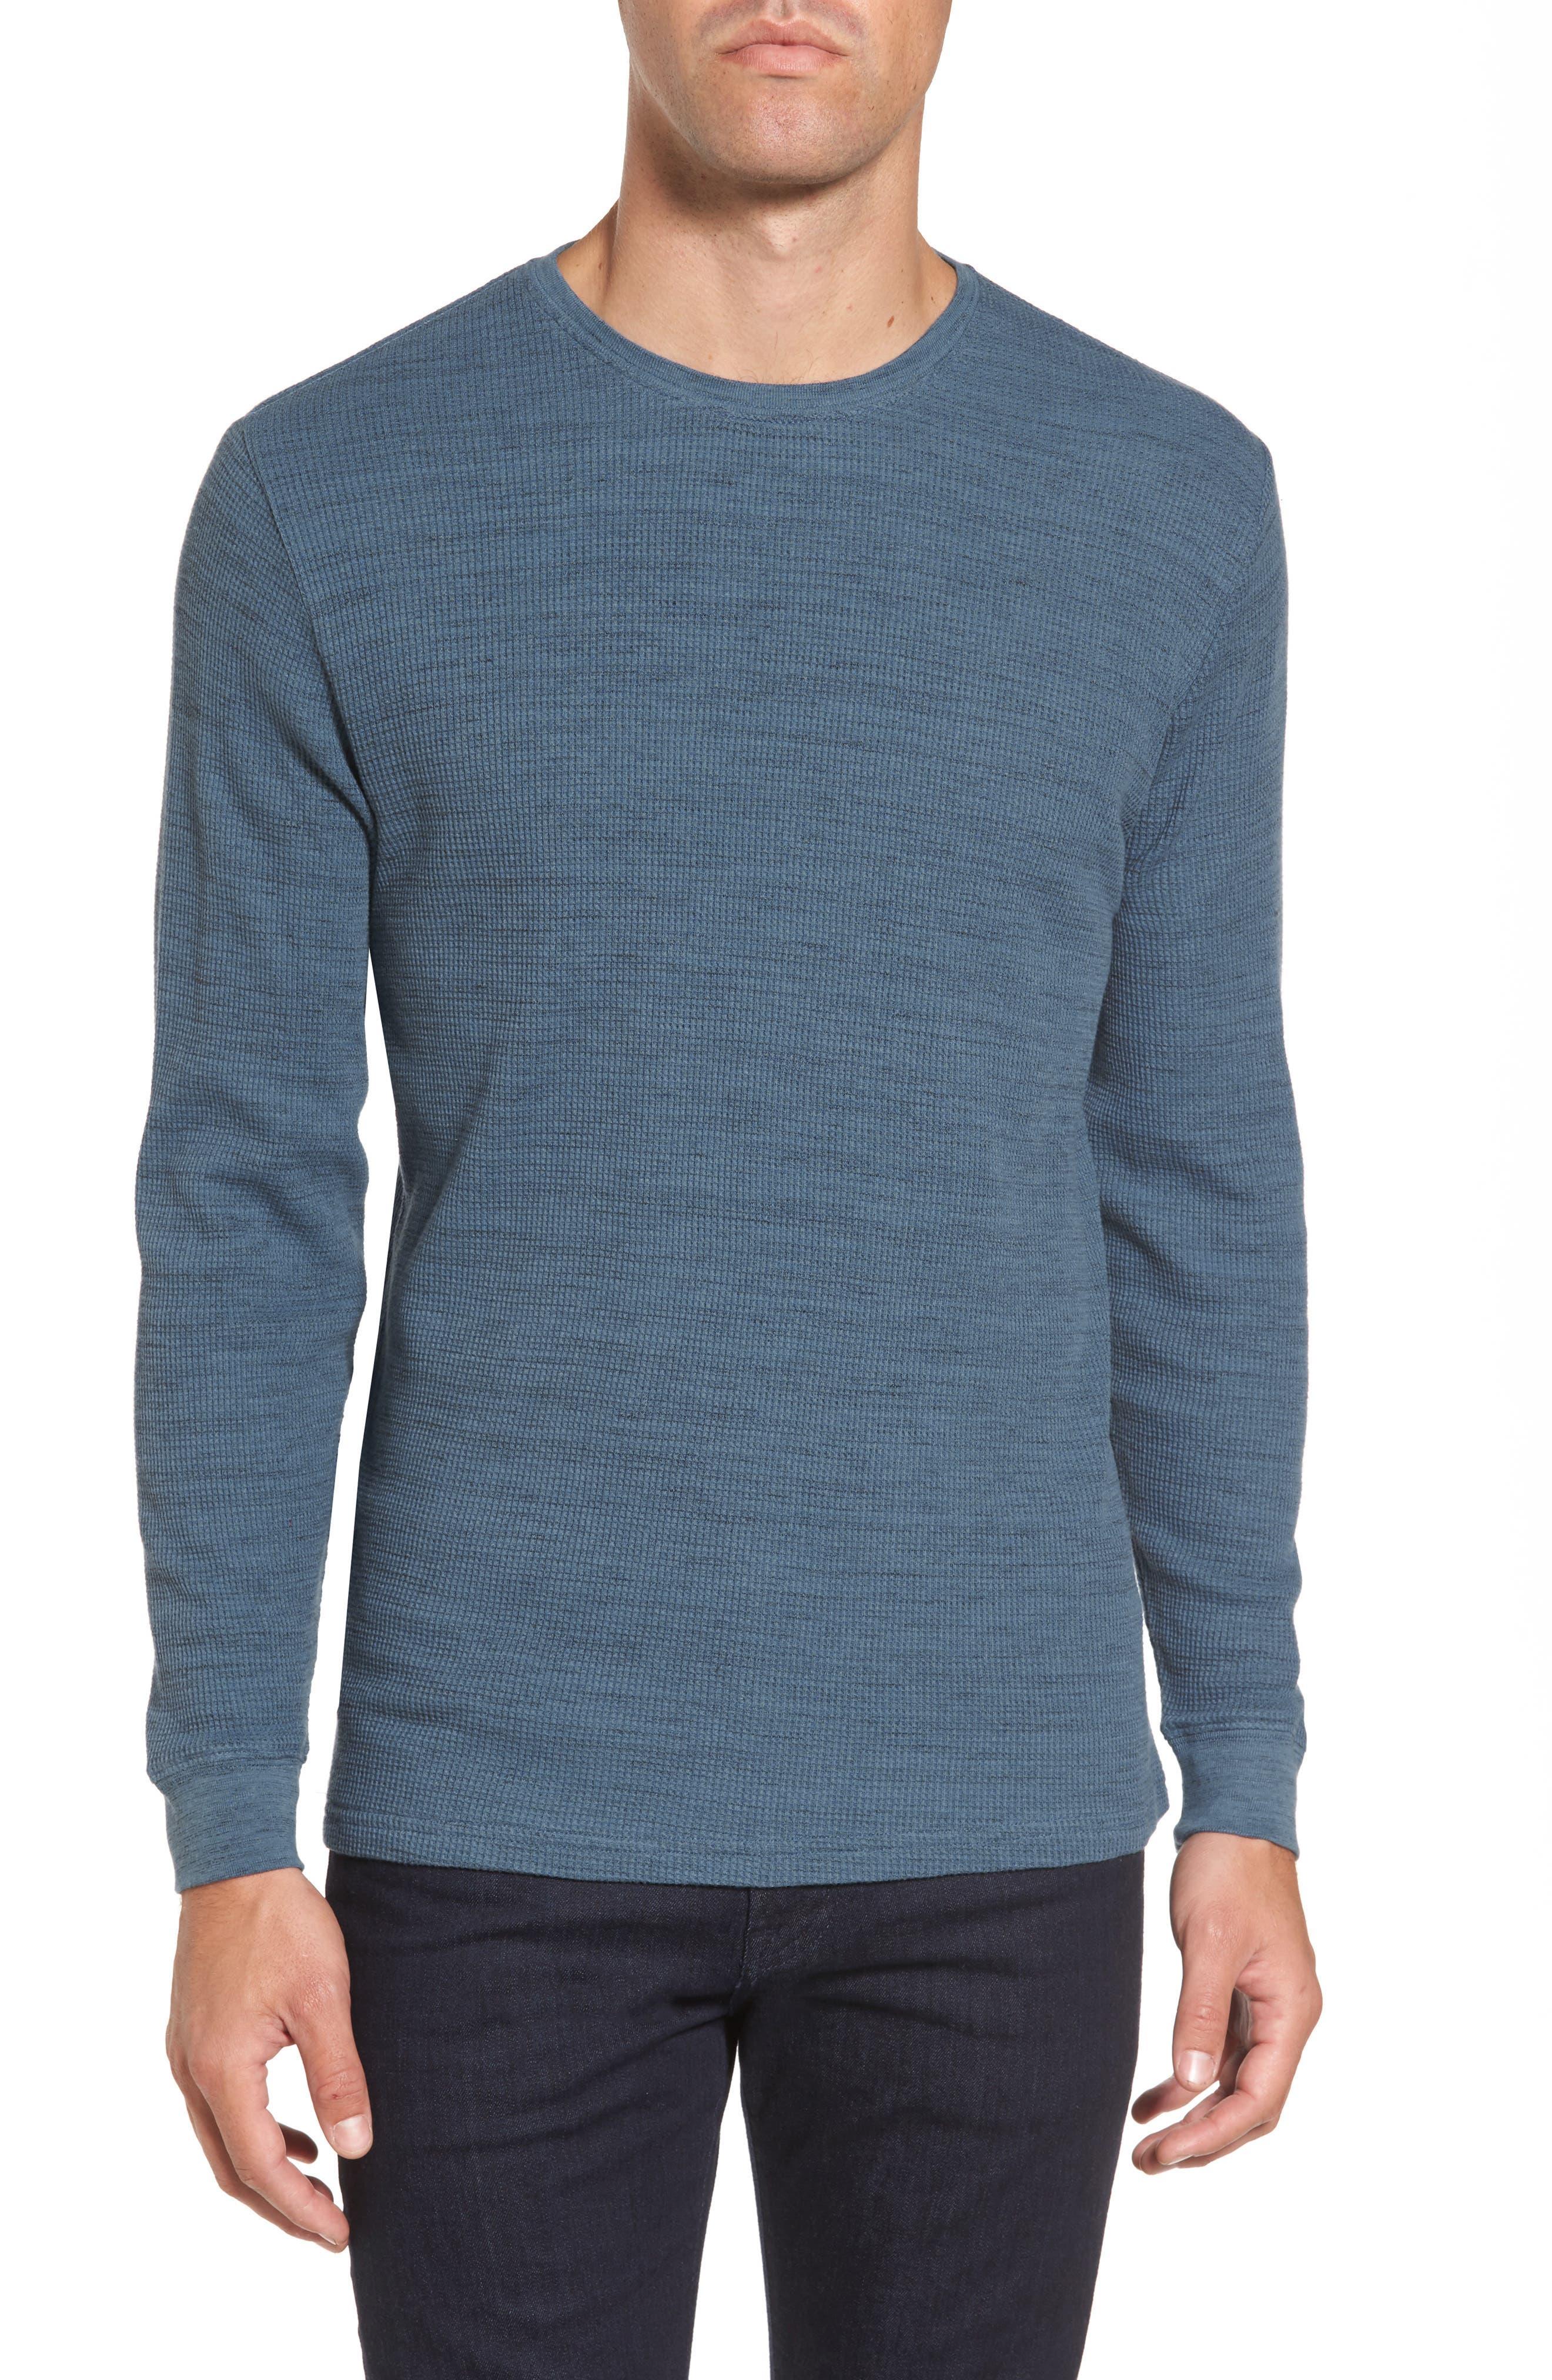 Main Image - Coastaoro Vista Waffle Knit T-Shirt